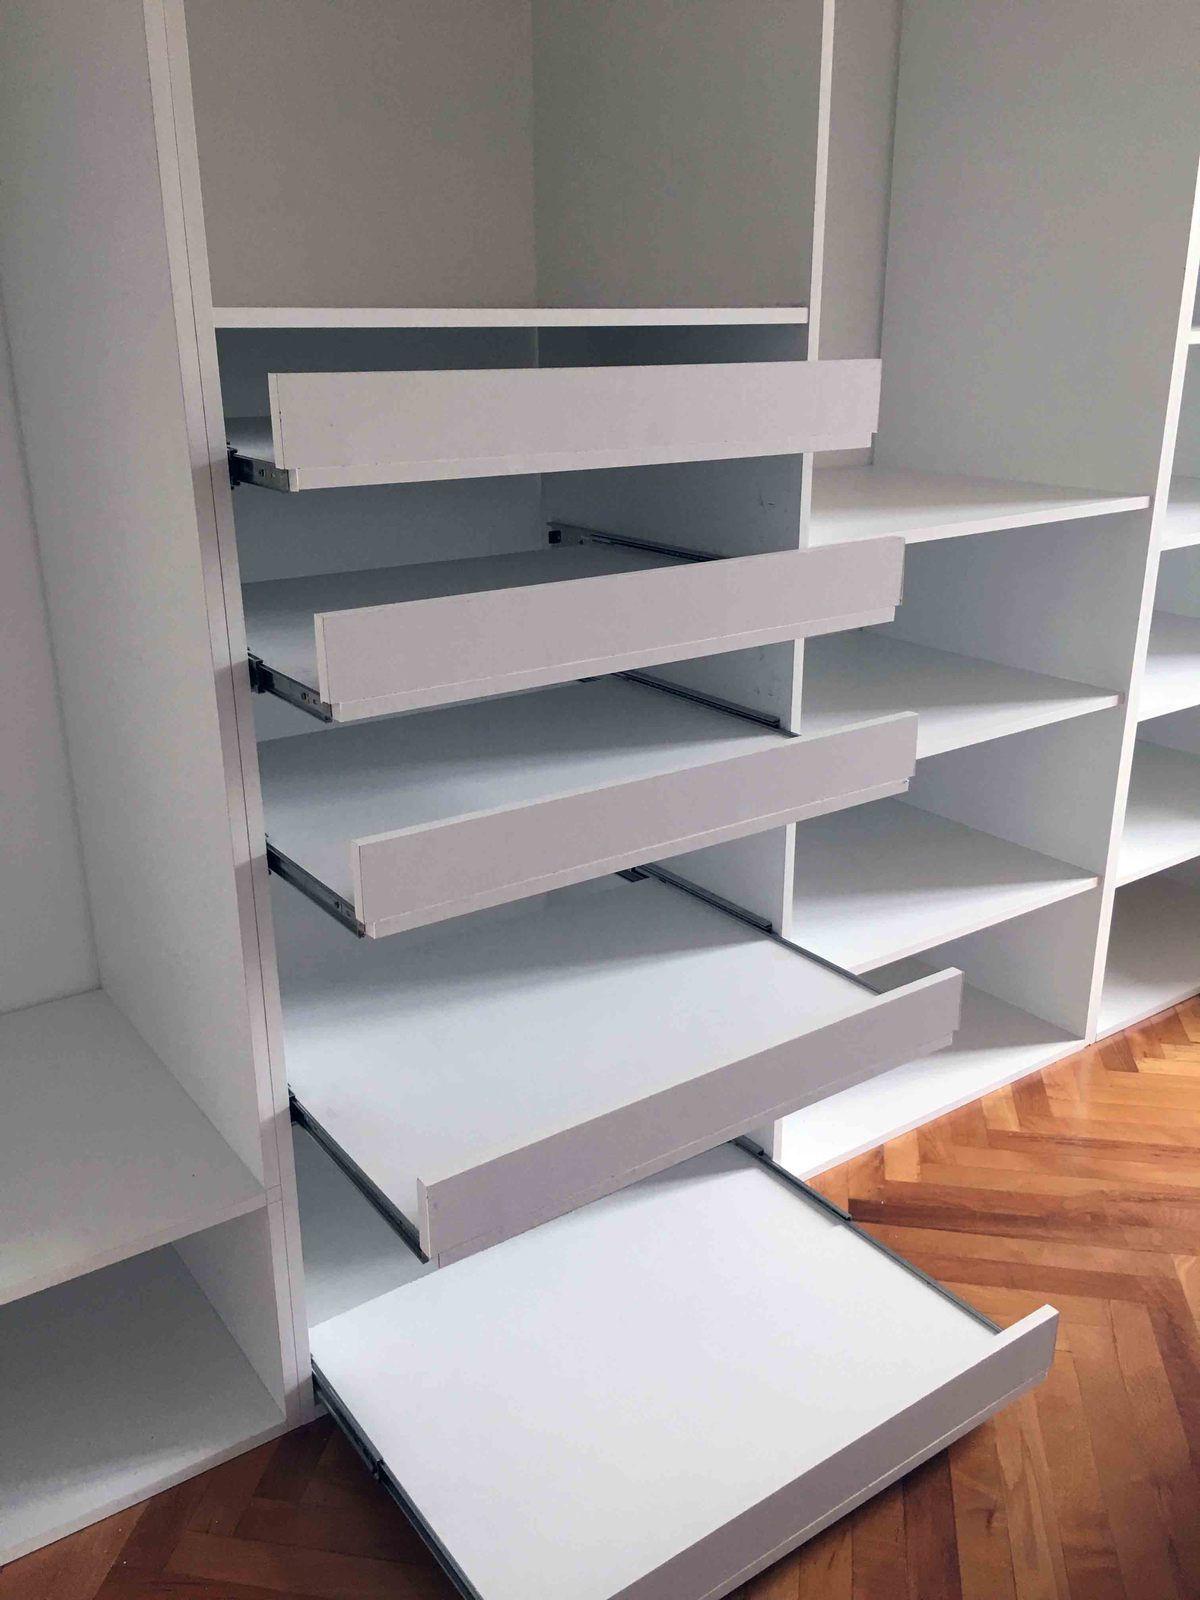 Mon étagère à chaussures : inspiration Pinterest (Ikéa) et mon armoire